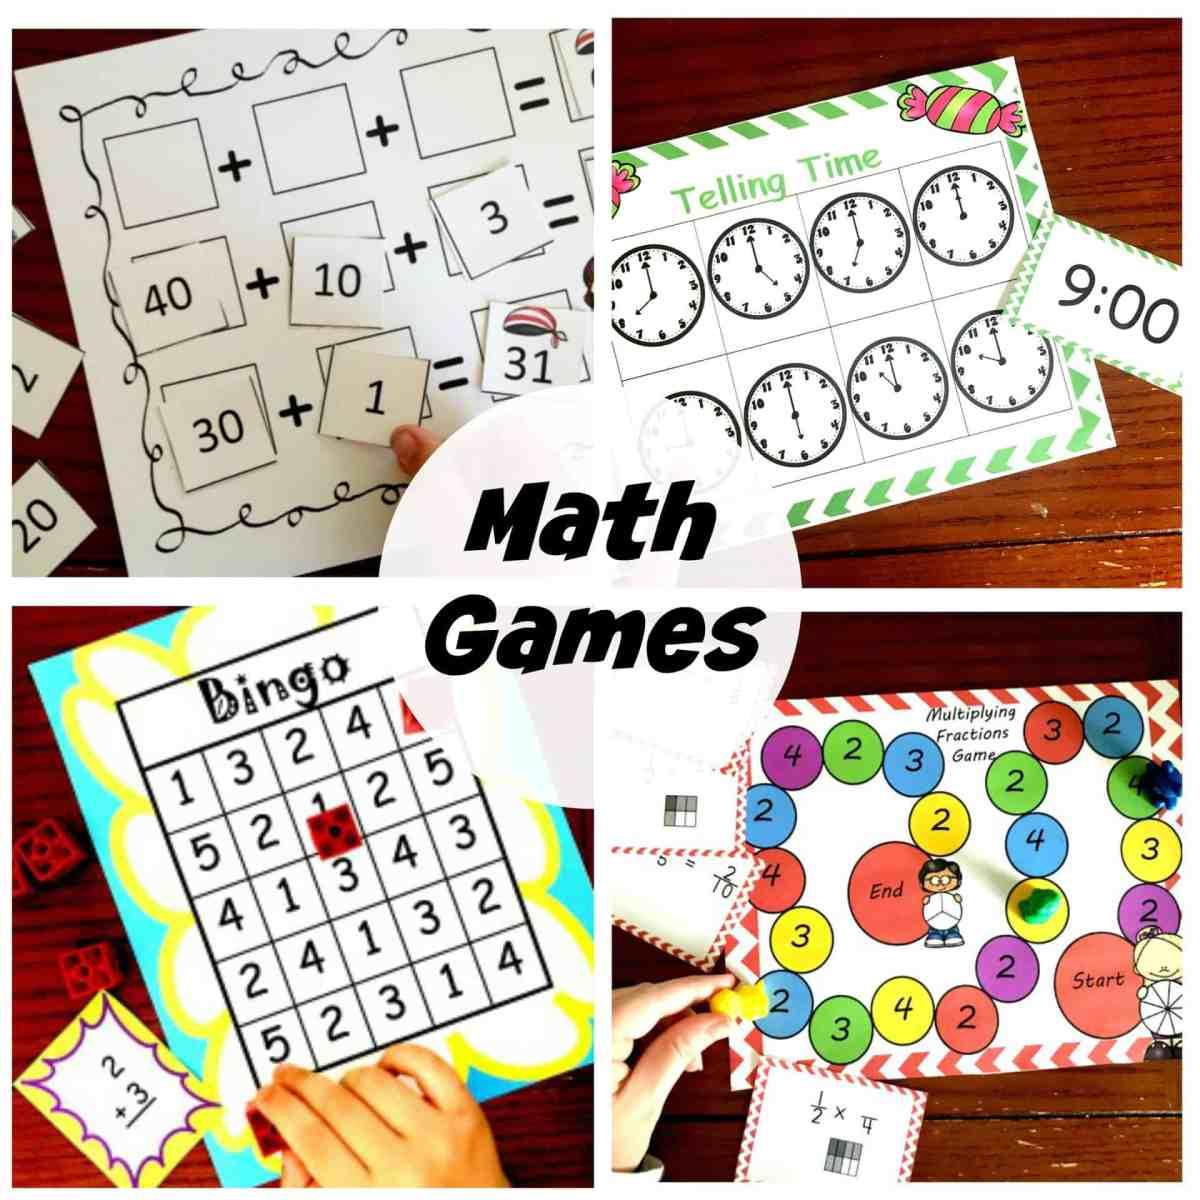 30 Easy Math Games to Help Make Math Time Fun